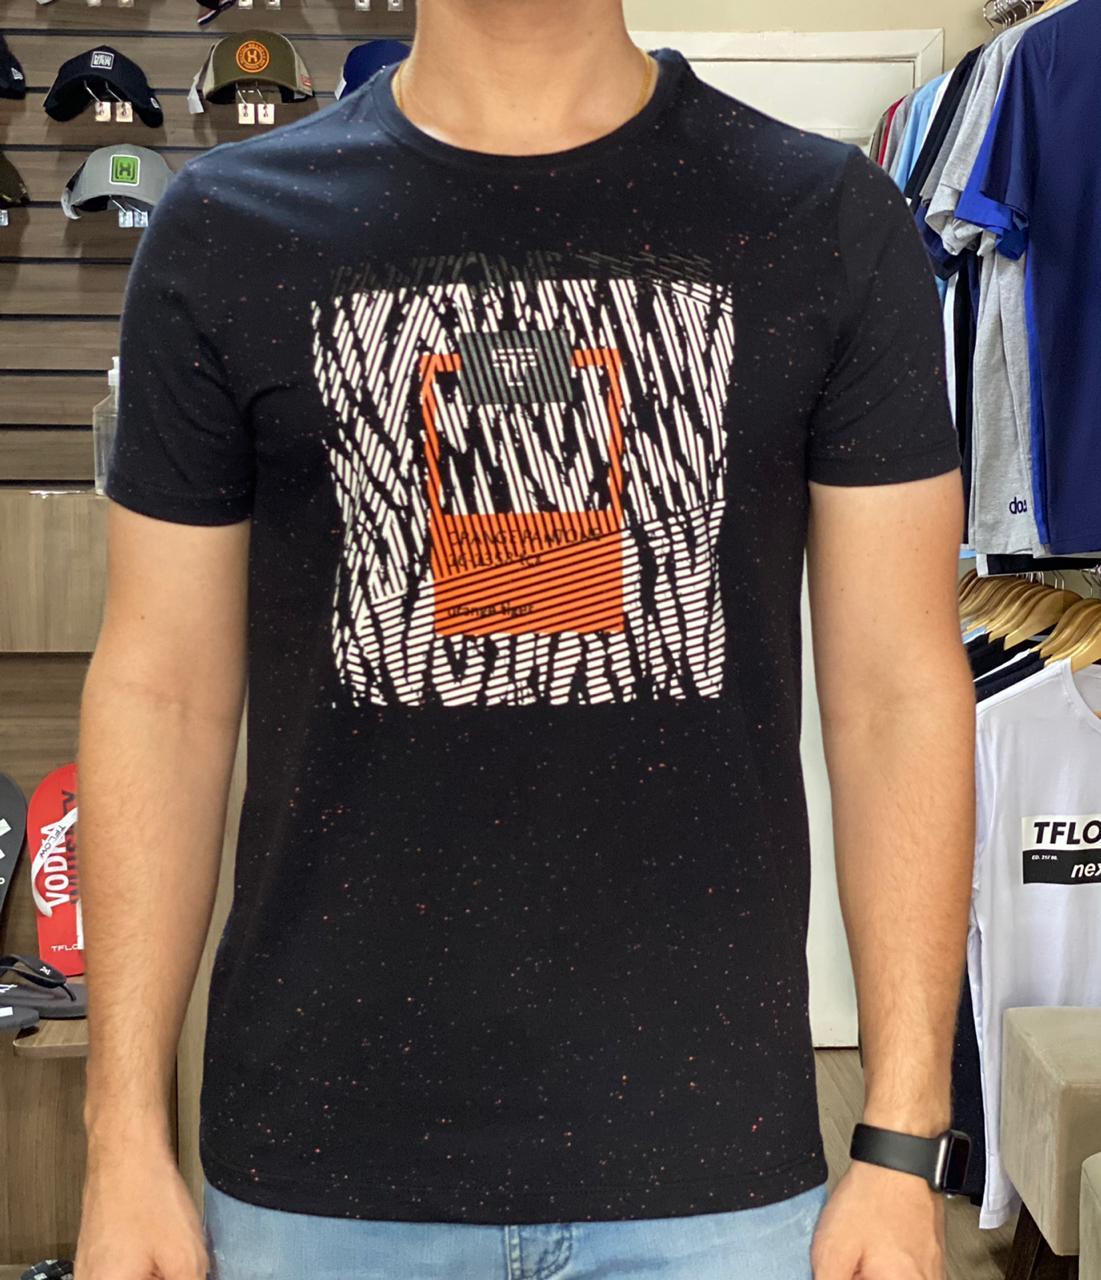 Camiseta Masculina Tflow Algodão Estampada - Preto